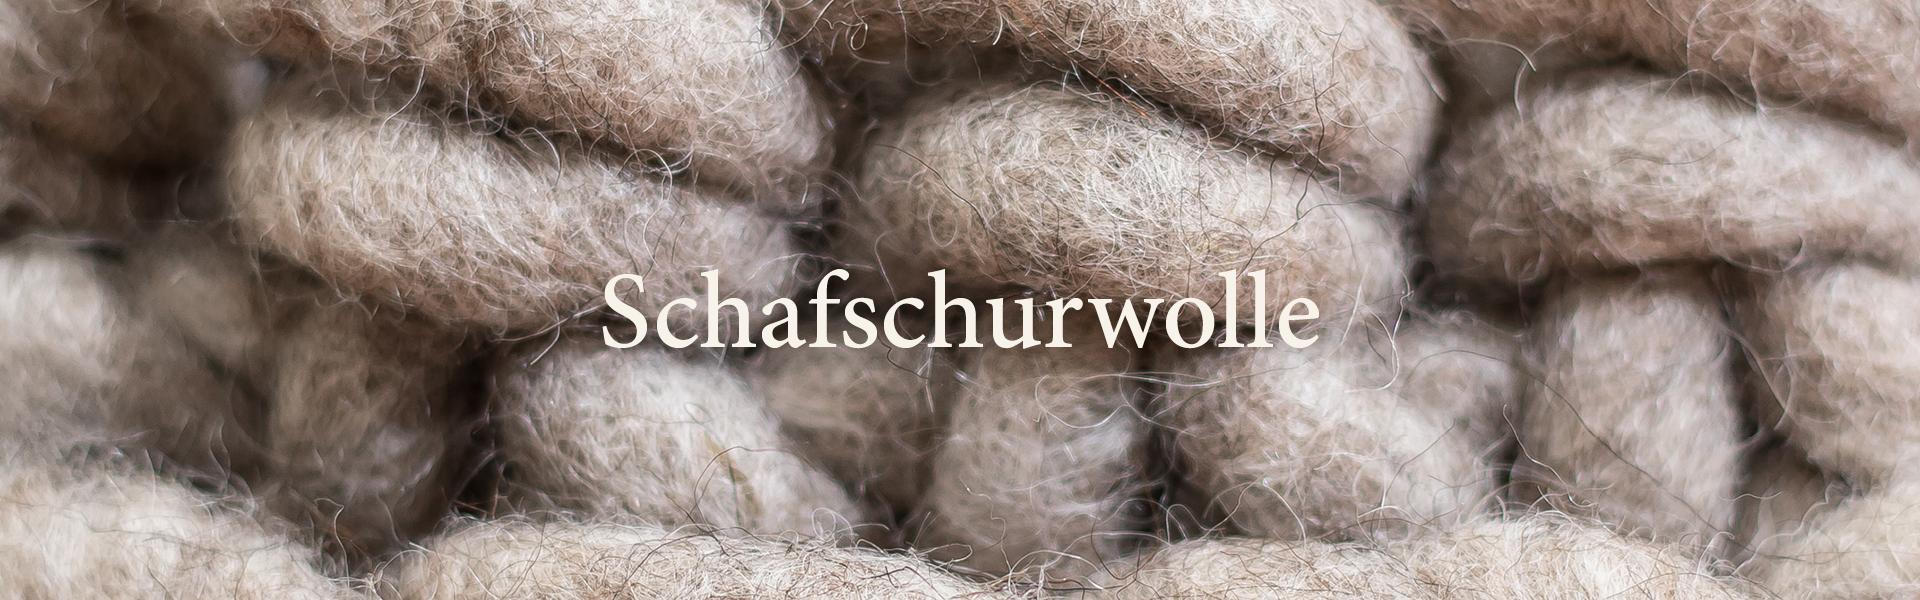 Kategorieseite_schafschurwolle